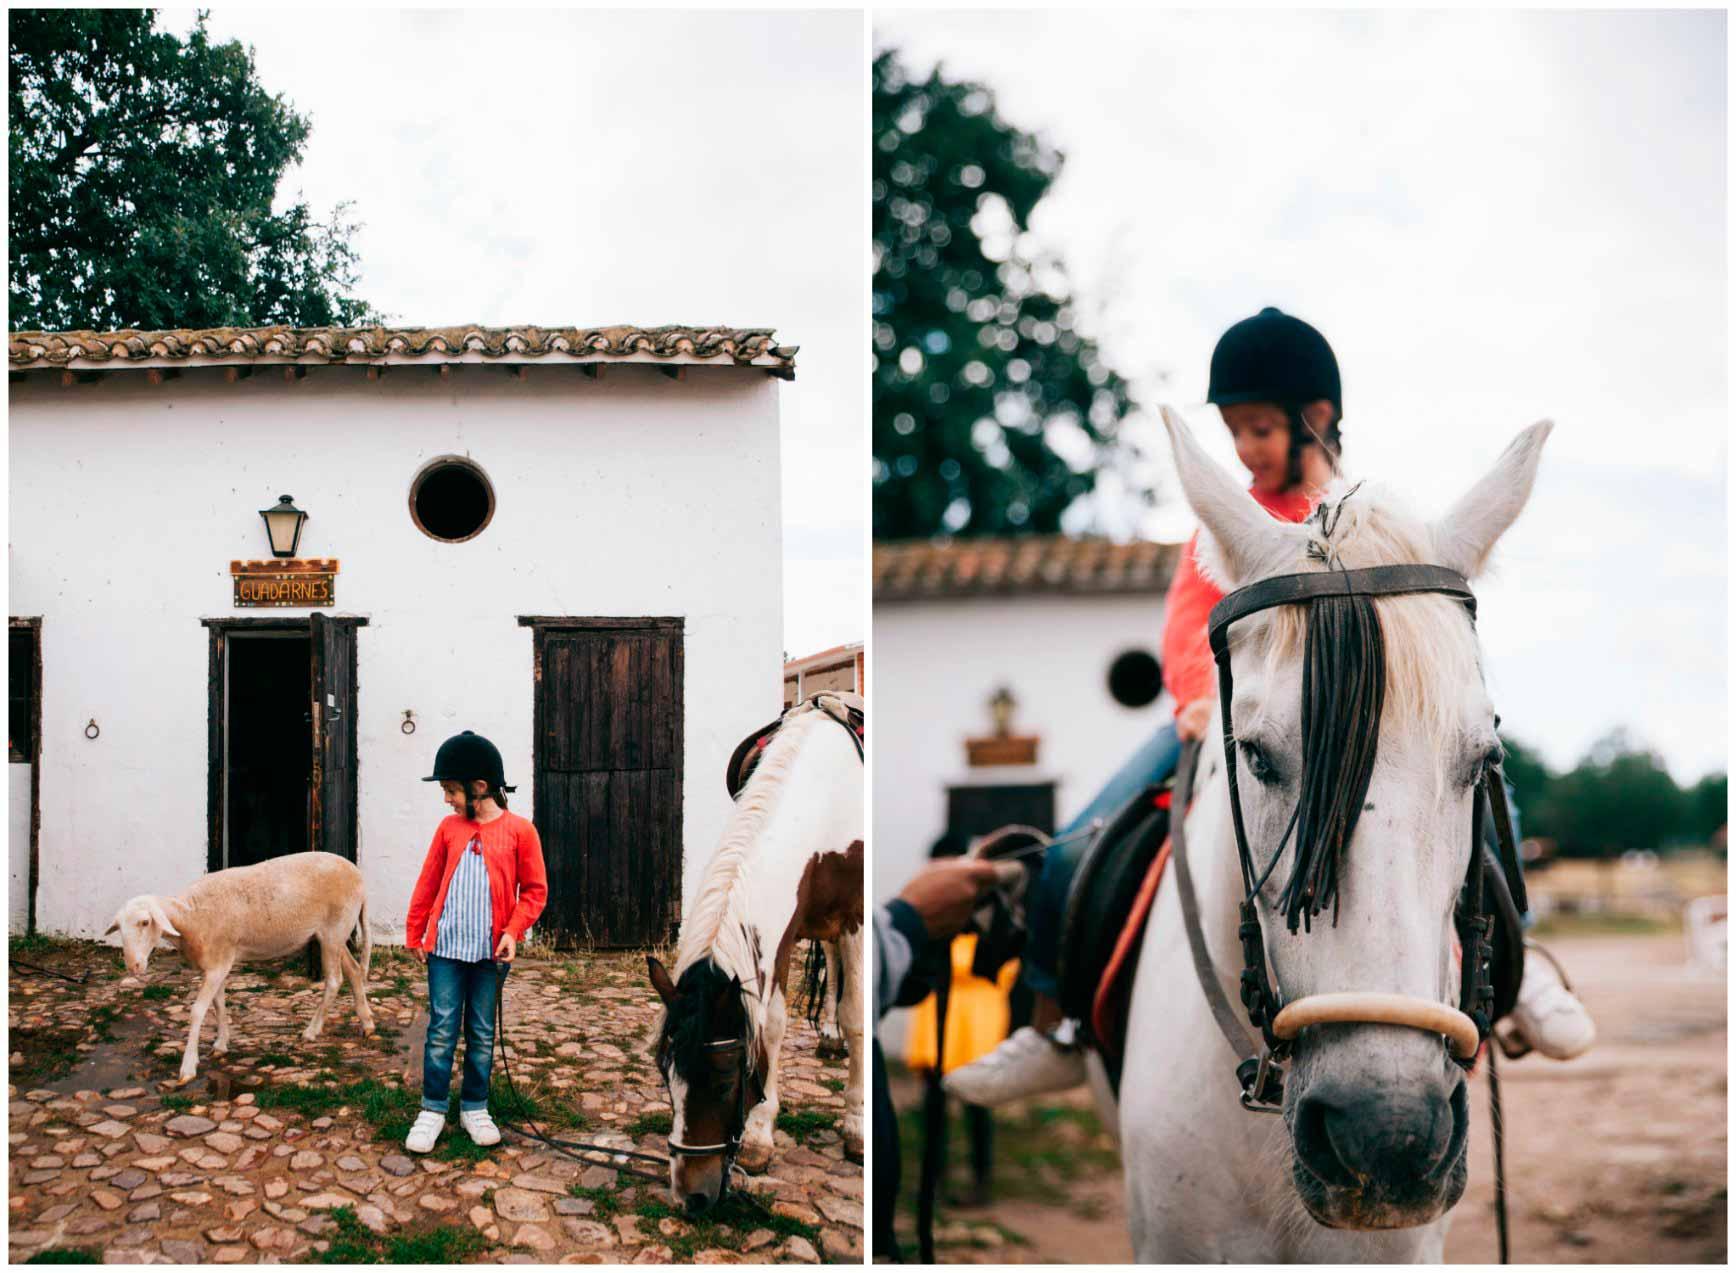 Ruta a Caballo - Caballos La Vereda_claraBmartin_50